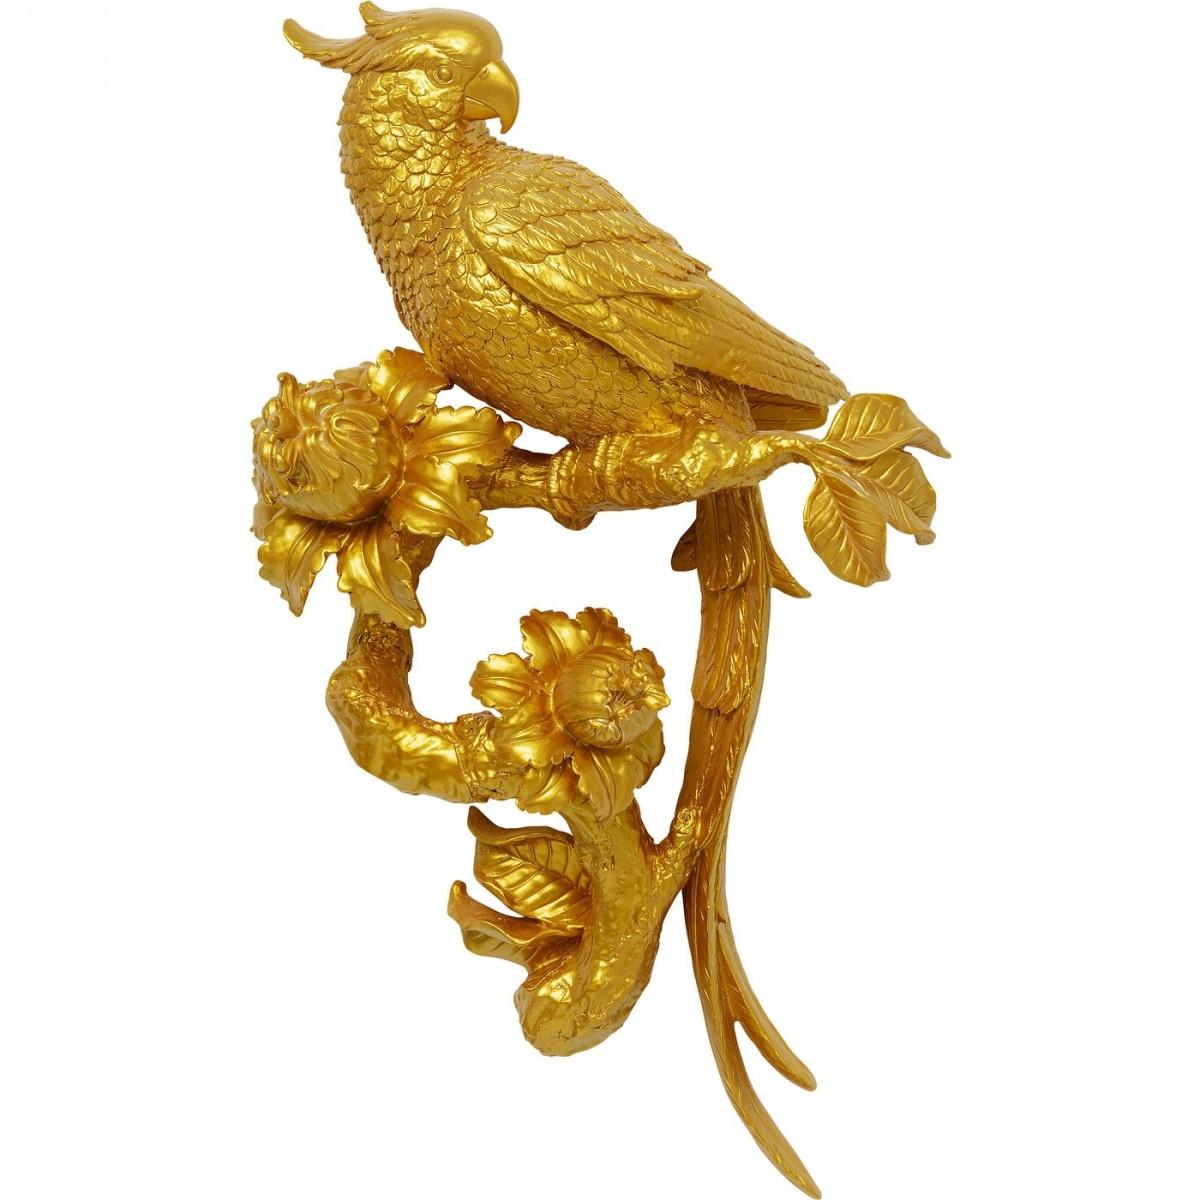 KARE DESIGN Parrot Gold vægdekoration - guld polyresin